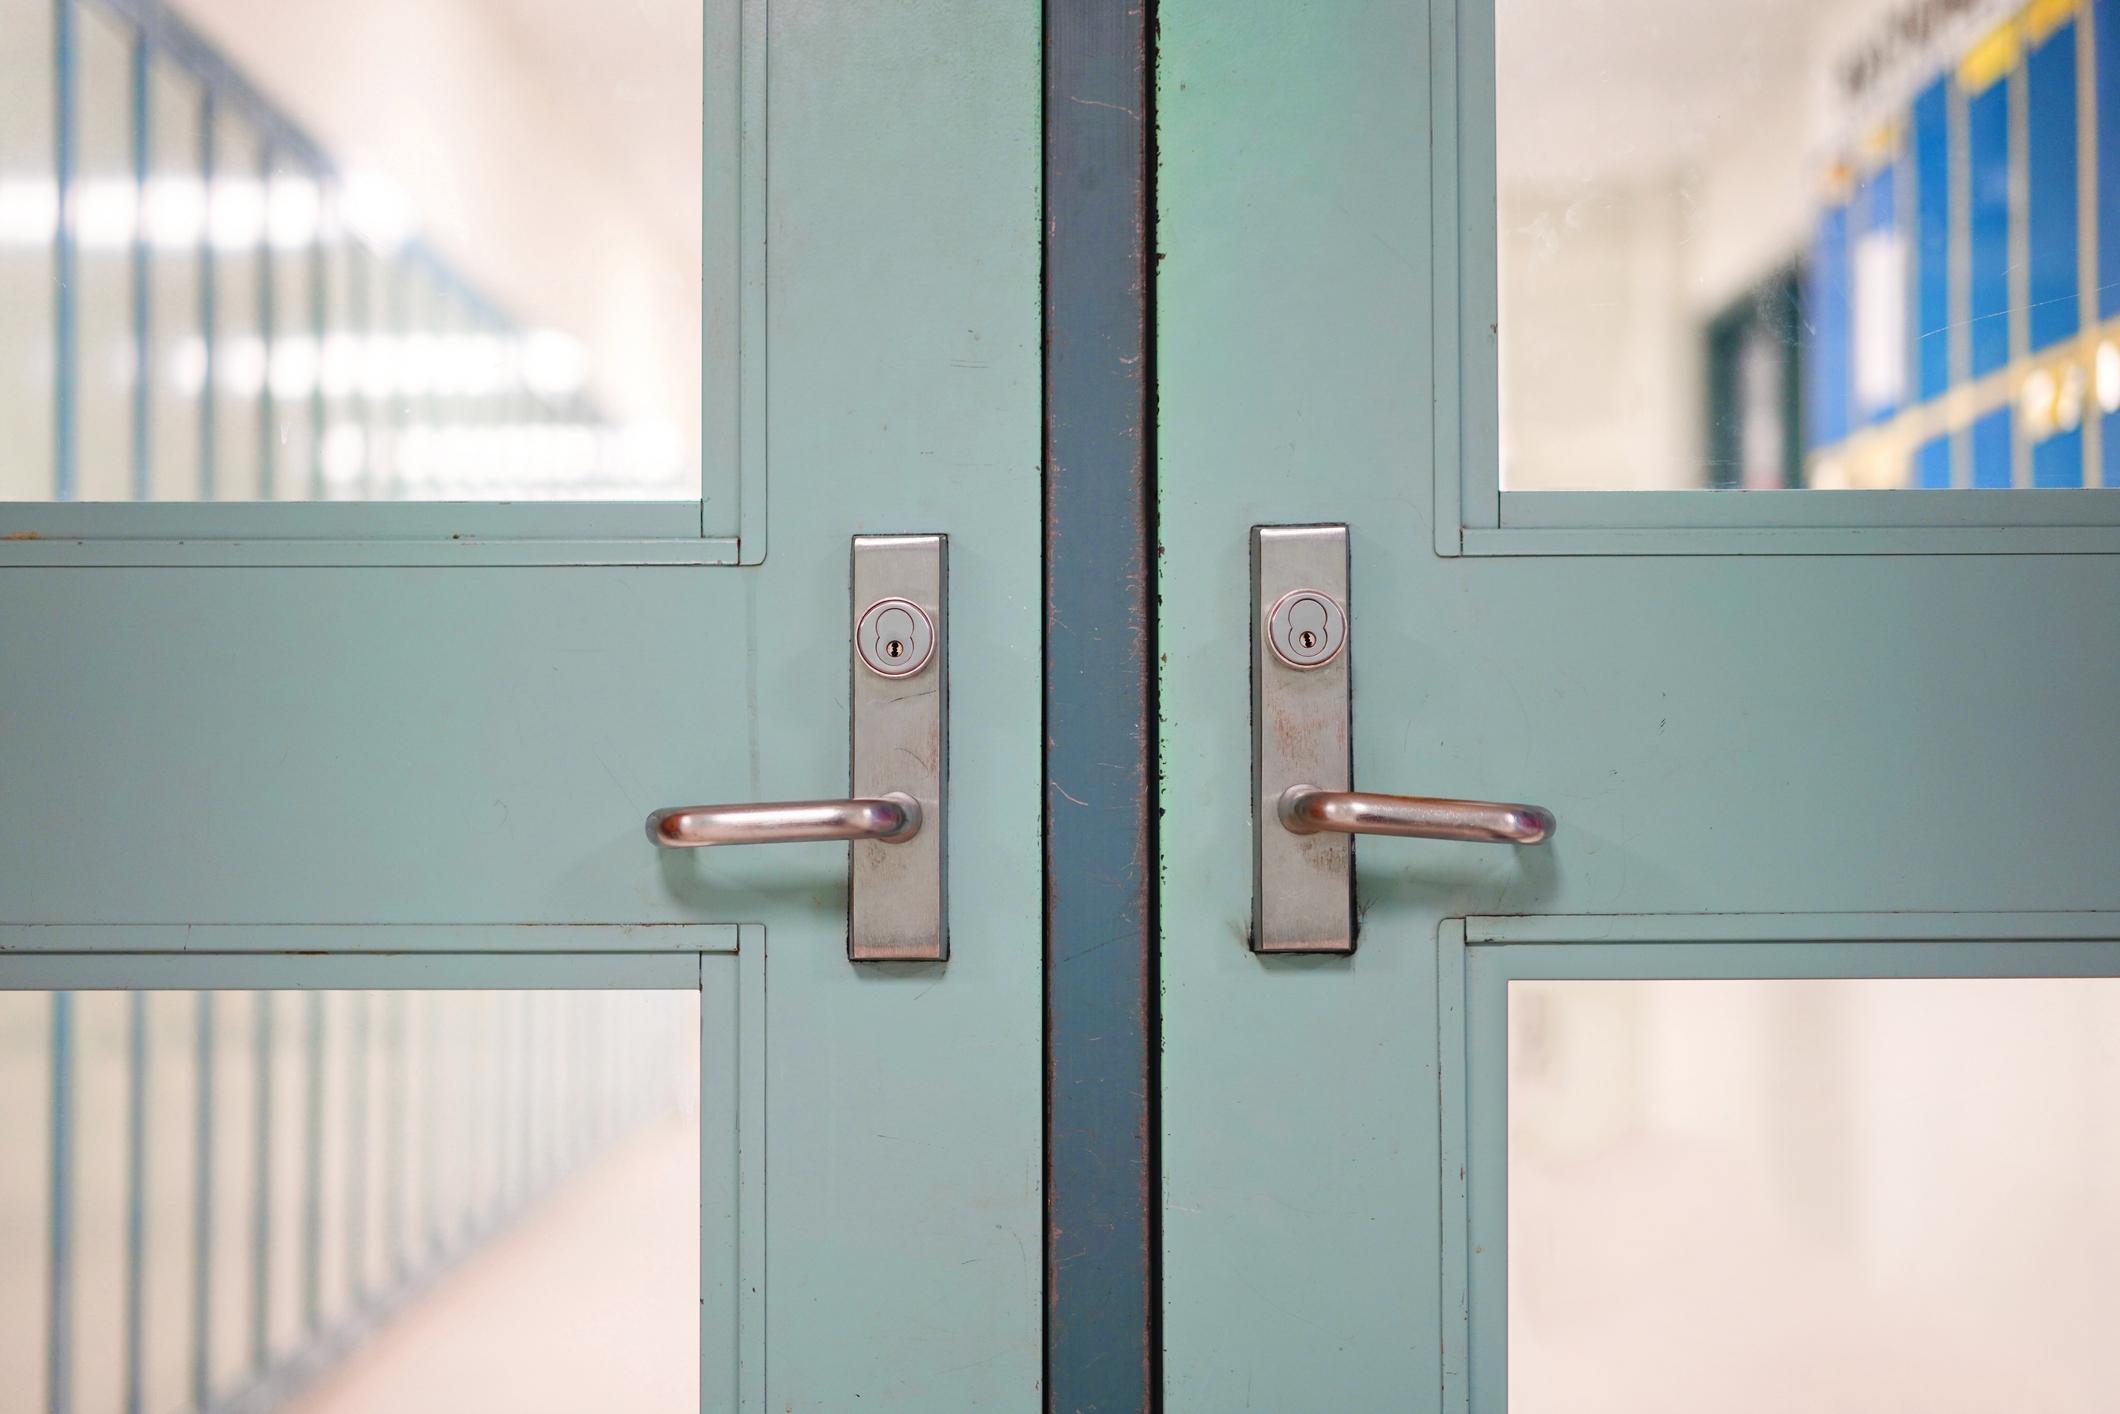 image of school doors